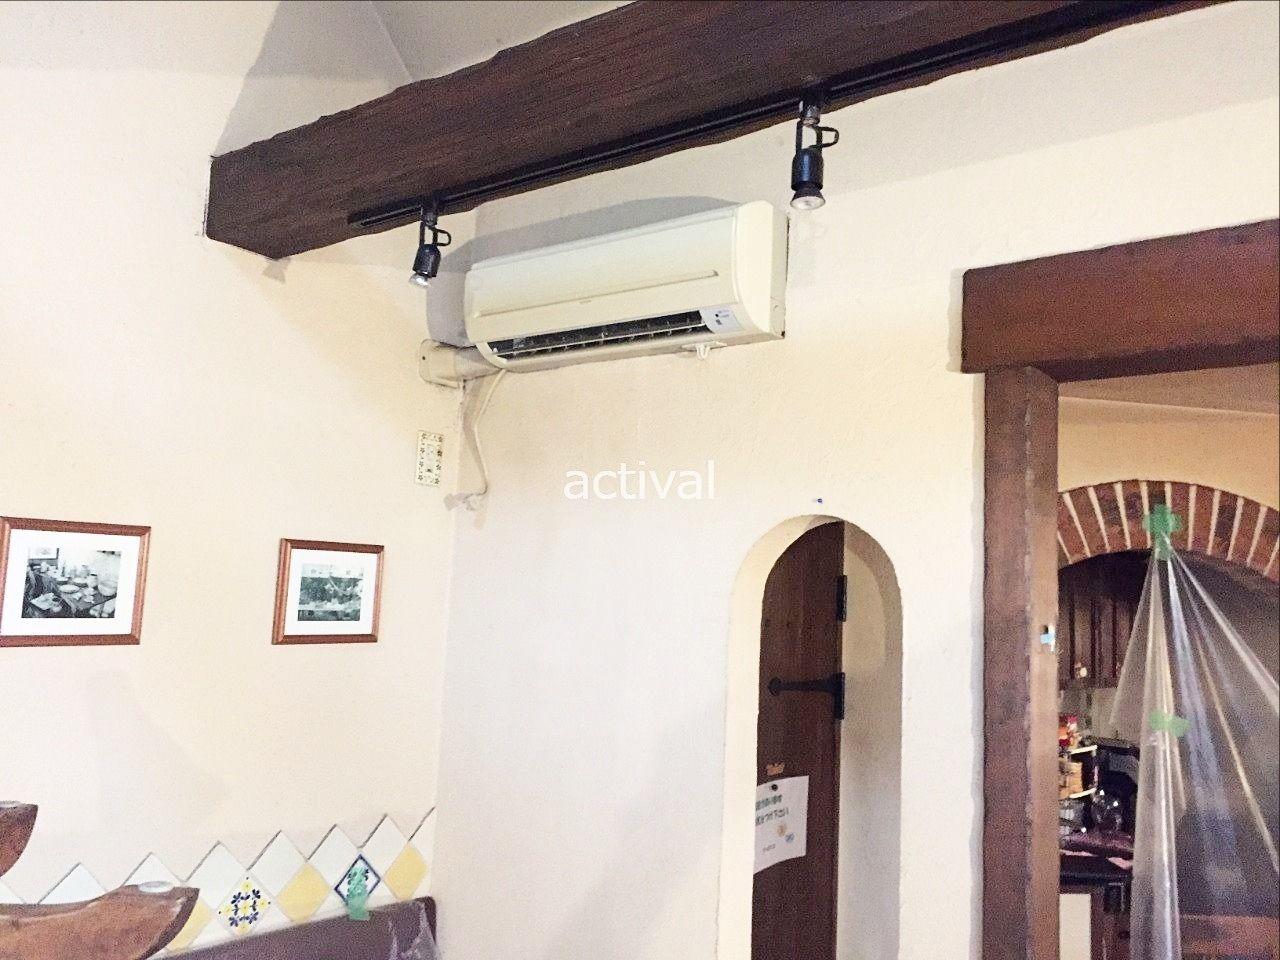 壁掛け型のエアコン工事の様子③です。